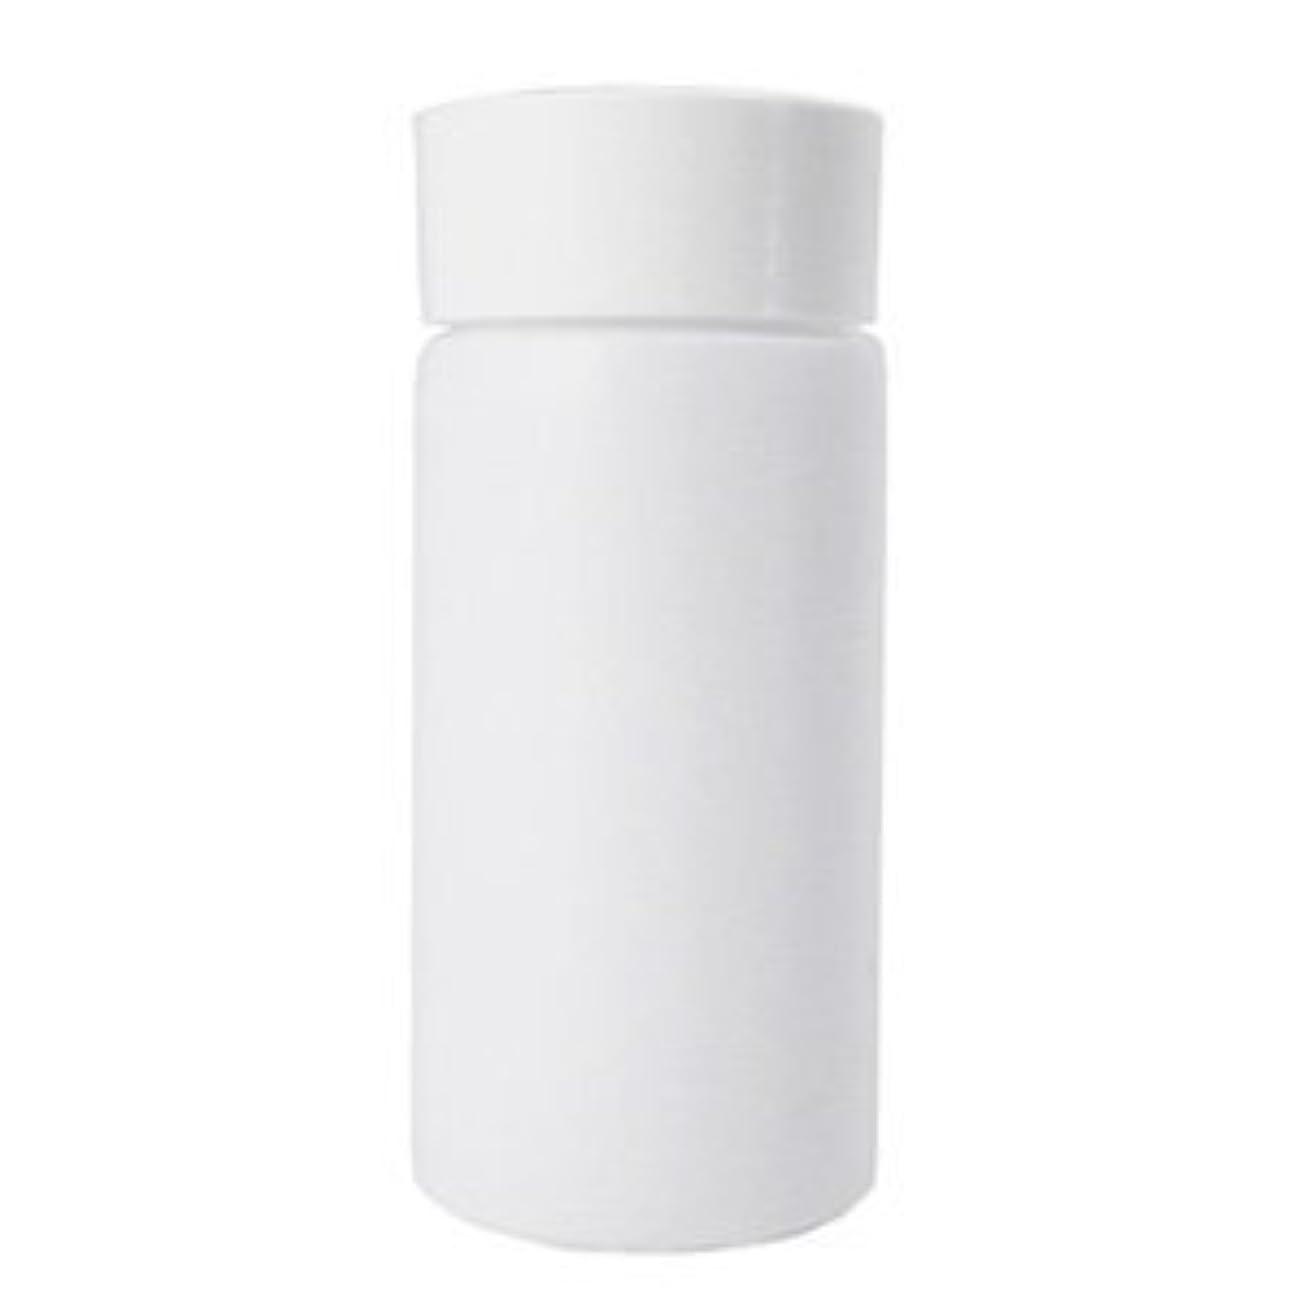 ヨーグルトホーン博物館パウダー用ボトル容器 154ml 材質 HDPE EVOH